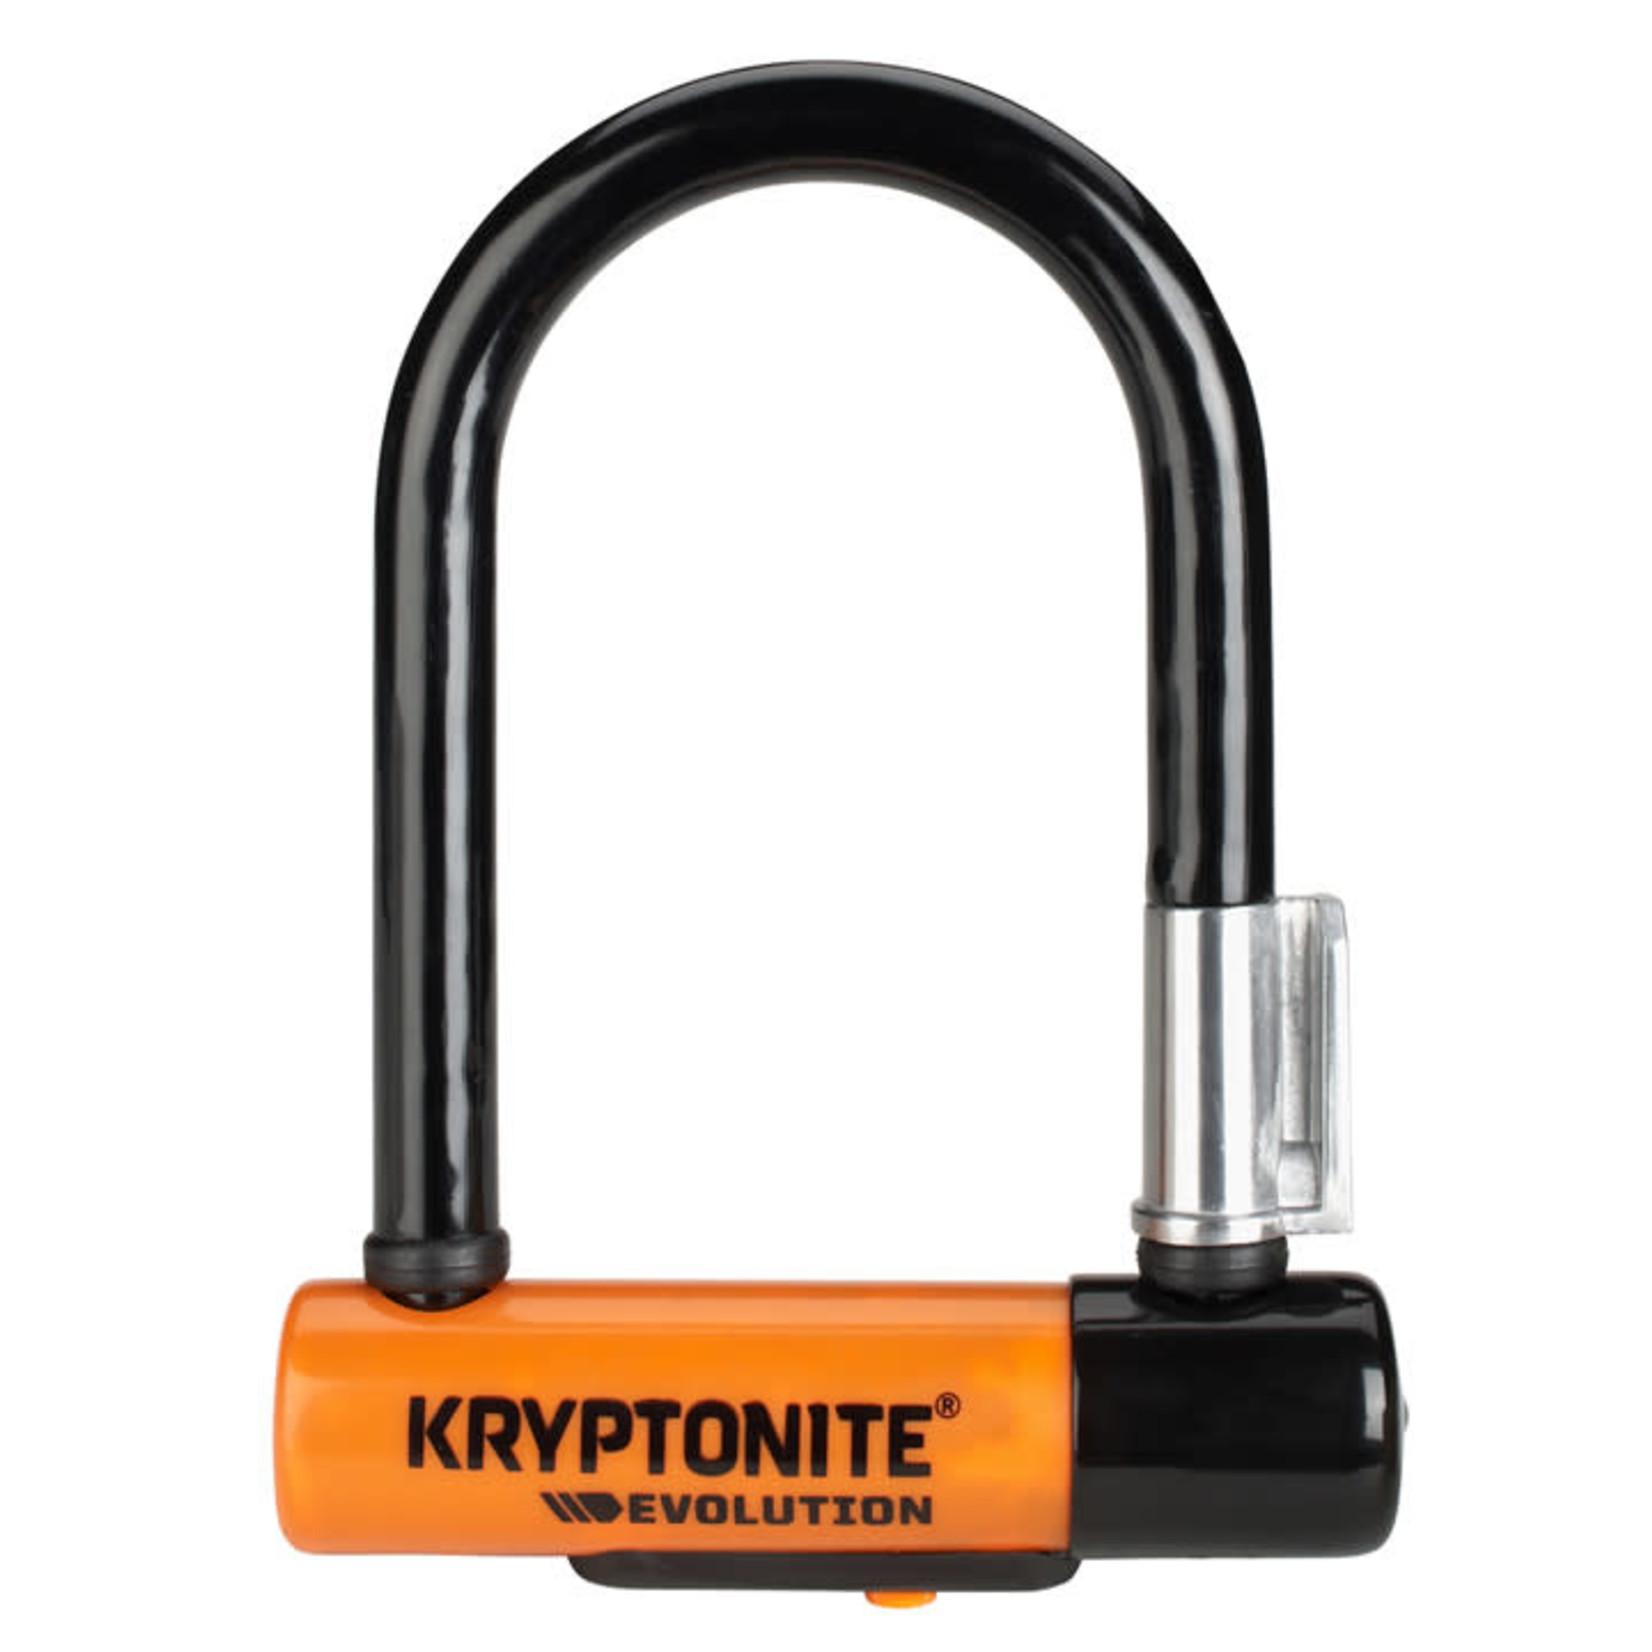 Kryptonite Kryptonite Evo Mini-5 U-Lock